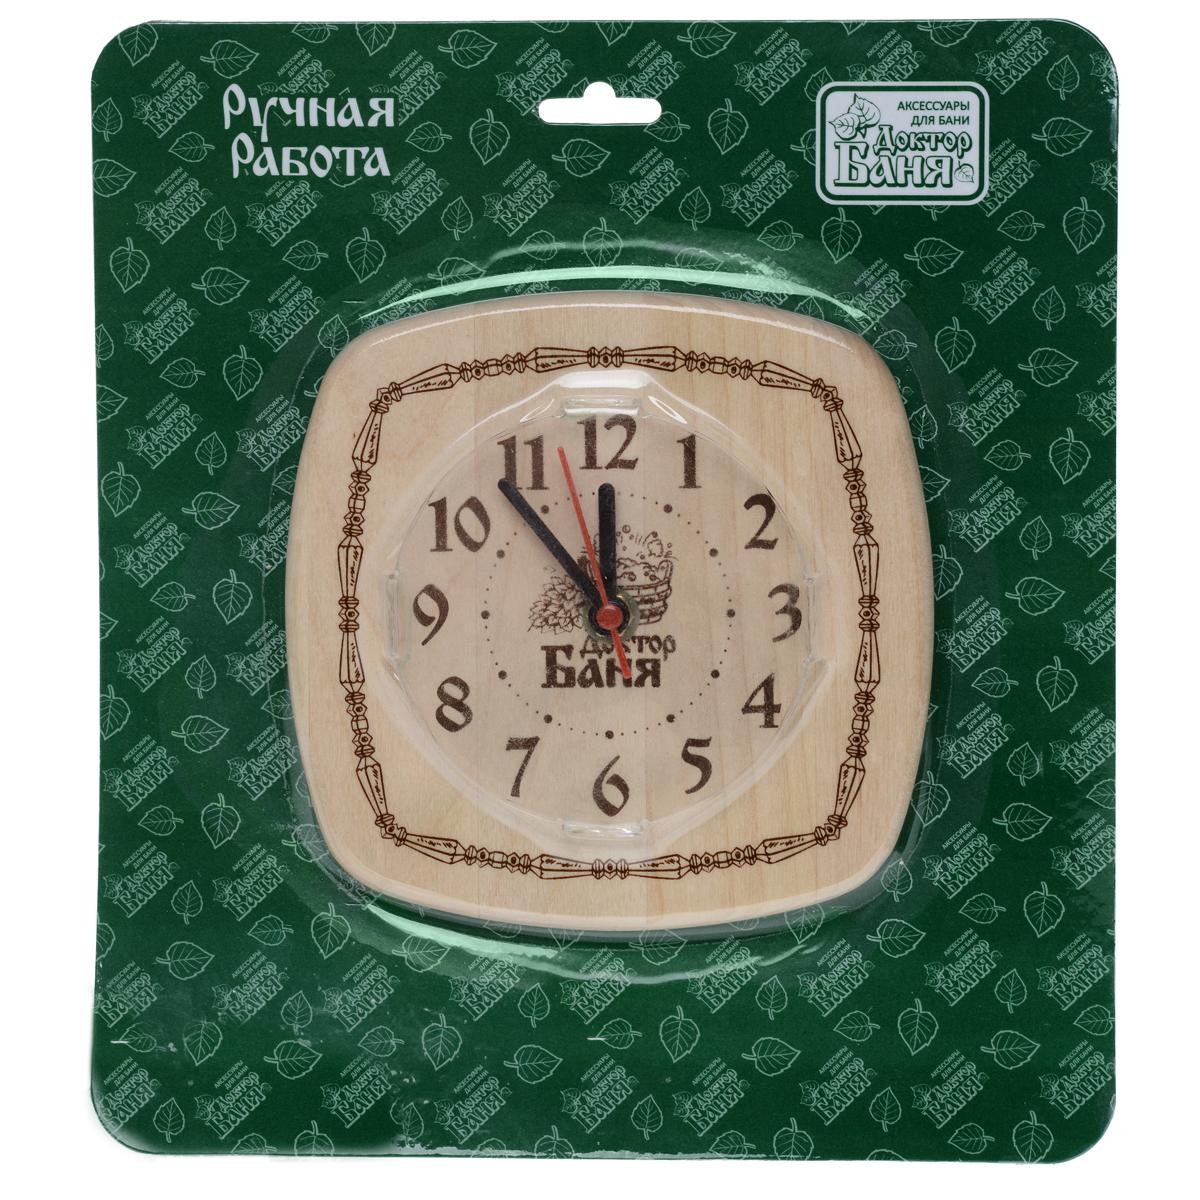 Часы настенные Доктор баня для бани и сауны. 90524154 009303Настенные кварцевые часы Доктор баня, выполненные из дерева, своим дизайном подчеркнут оригинальность интерьера вашей бани или сауны. Панель часов декорирована оригинальным узором. Часы имеют три стрелки - часовую, минутную и секундную.Такие часы послужат отличным подарком для ценителя стильных и оригинальных вещей.Часы упакованы в подарочную коробку из дерева. Характеристики:Материал: дерево, металл. Размер часов: 15 см х 15 см х 2 см.Рекомендуется докупить батарейку типа АА (в комплект не входит).